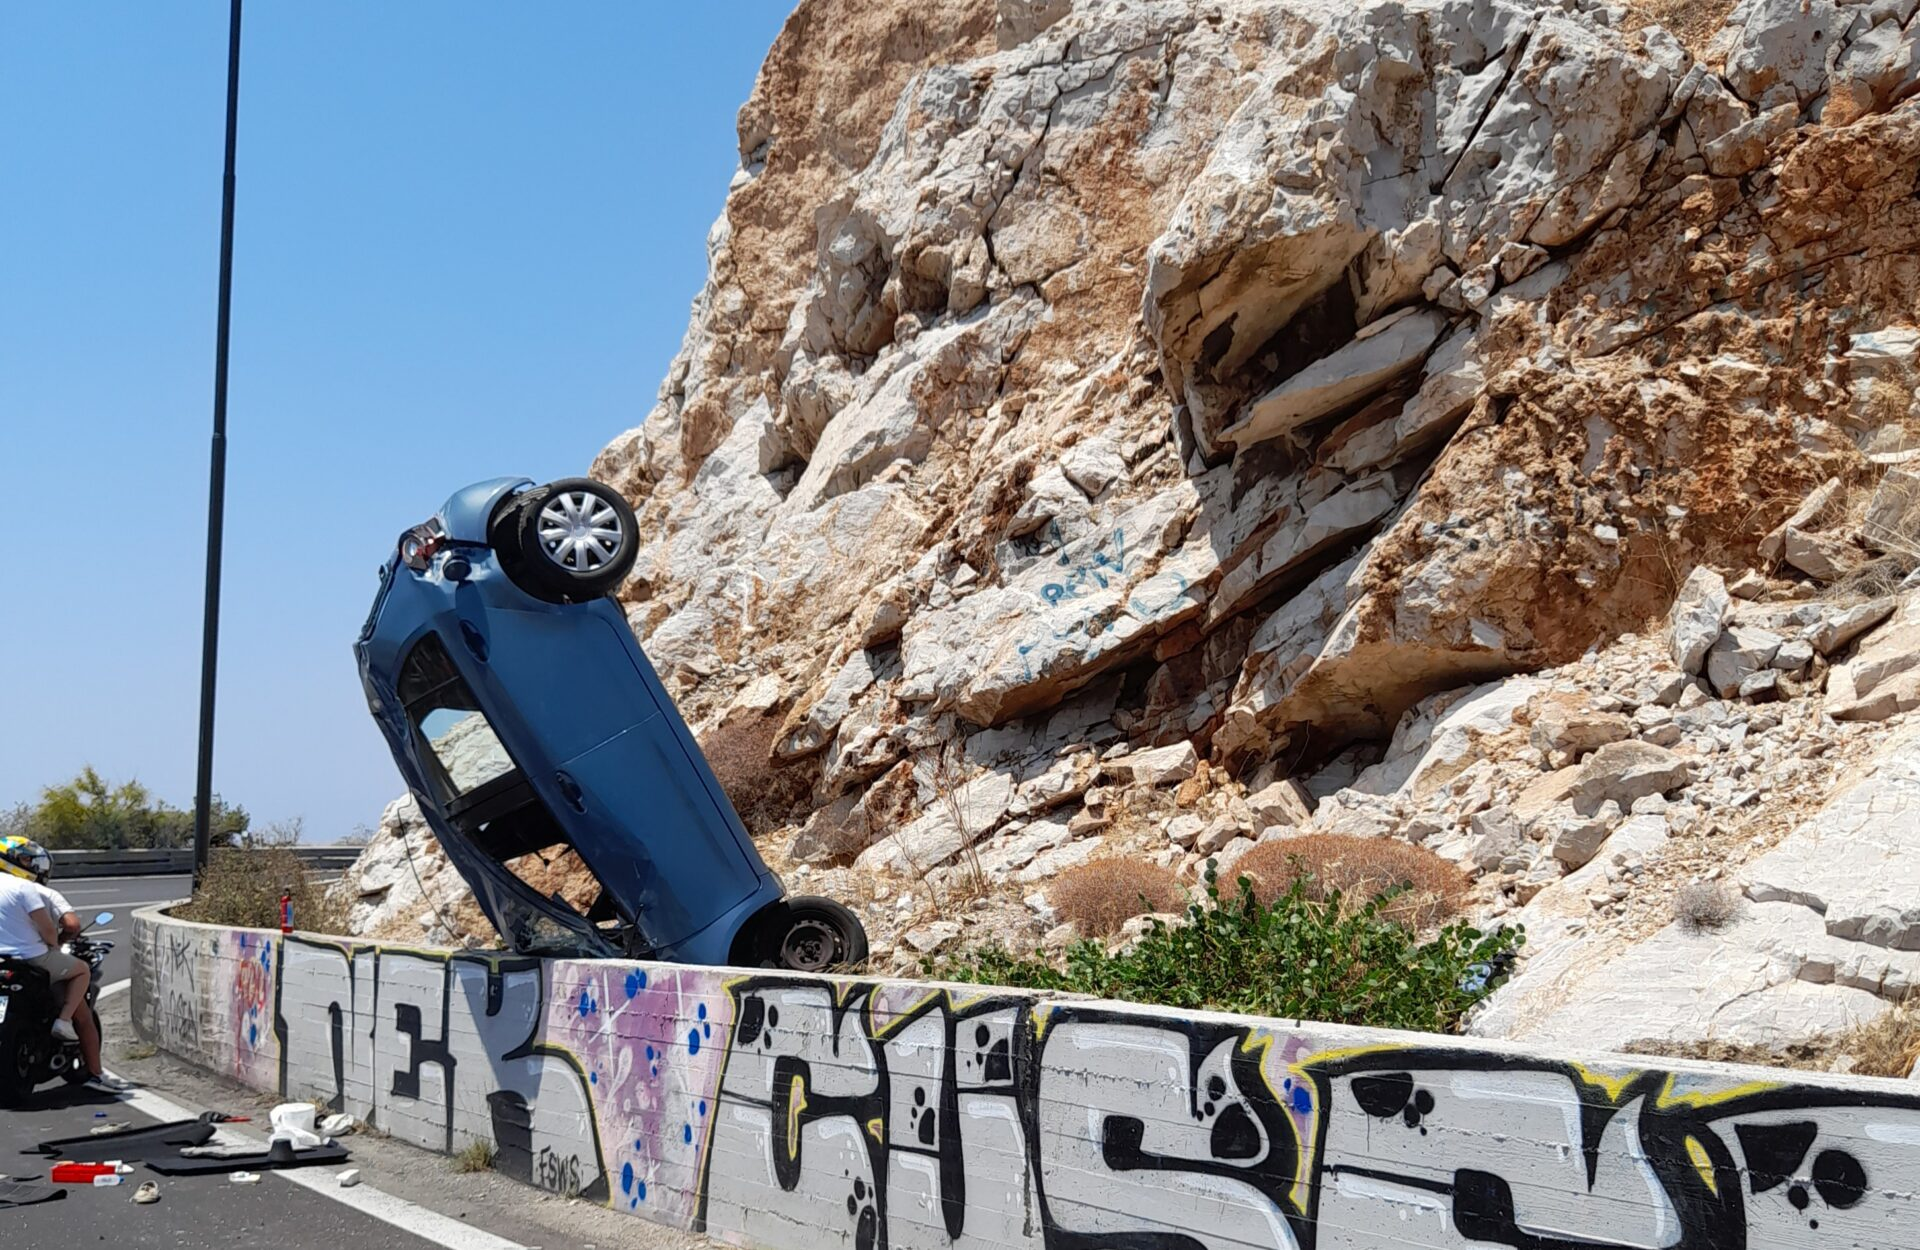 Τροχαίο-Λιμανάκια Βουλιαγμένης: Το όχημα καρφώθηκε όρθιο στα βράχια